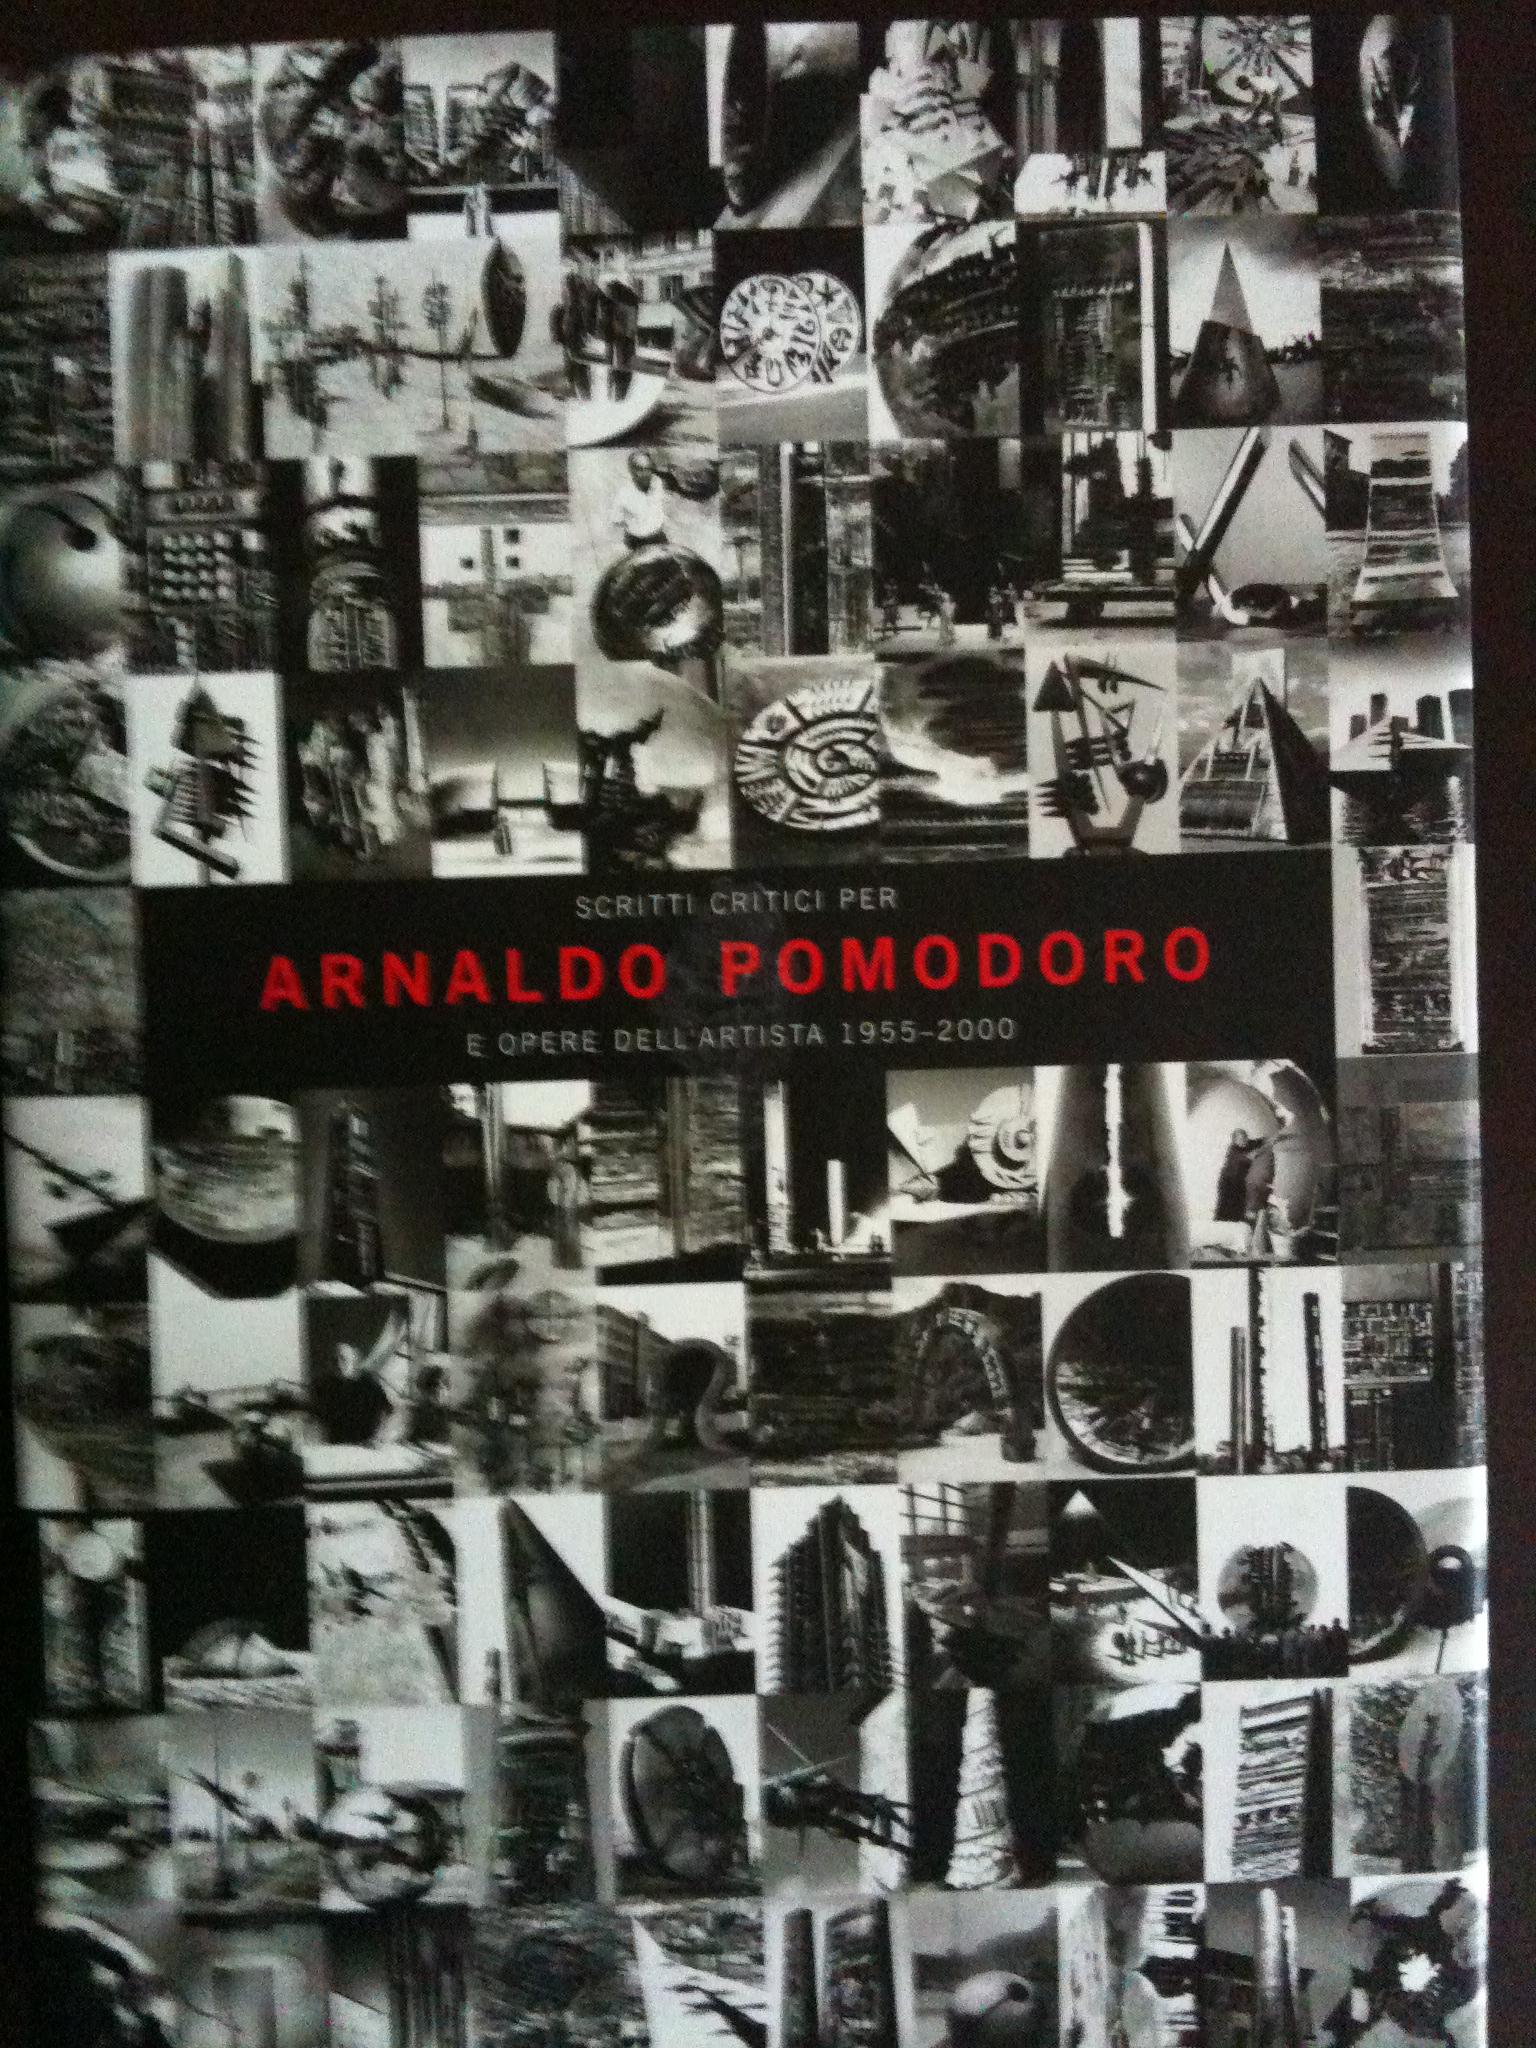 Scritti critici per Arnaldo Pomodoro 1955-2001